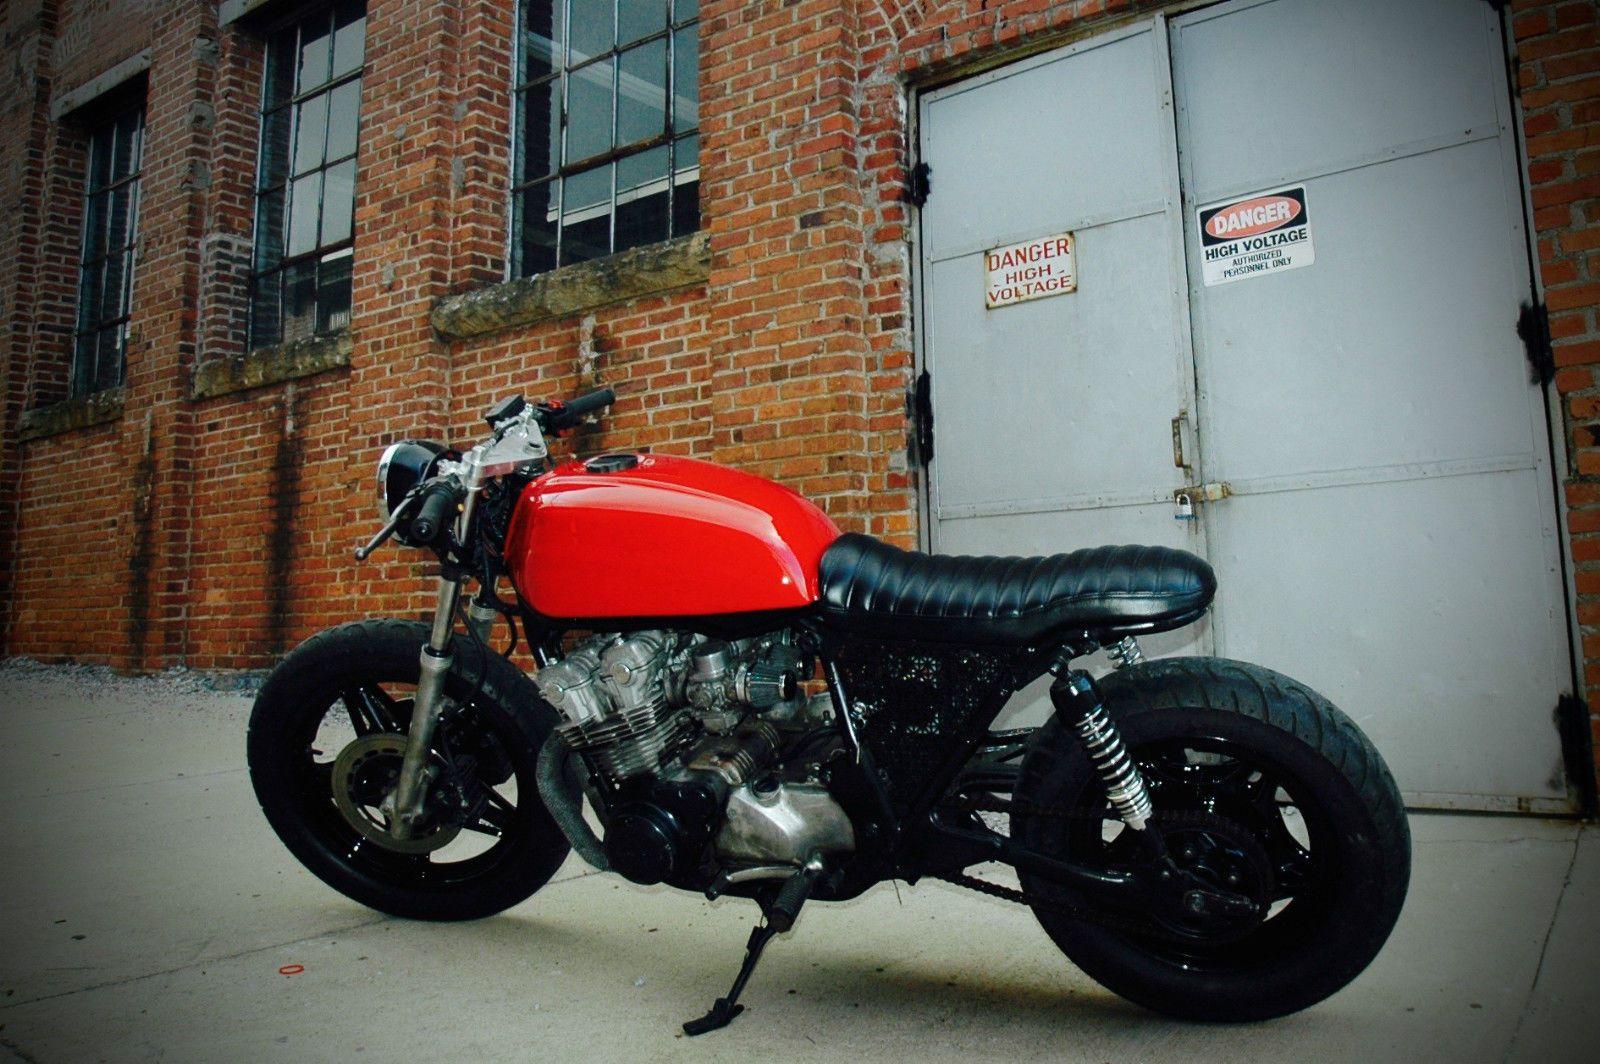 1981 Honda Cb750 Custom Cafe Racer For Sale Custom Cafe Racer Cafe Racer For Sale Cafe Racer Motorcycle [ 1064 x 1600 Pixel ]